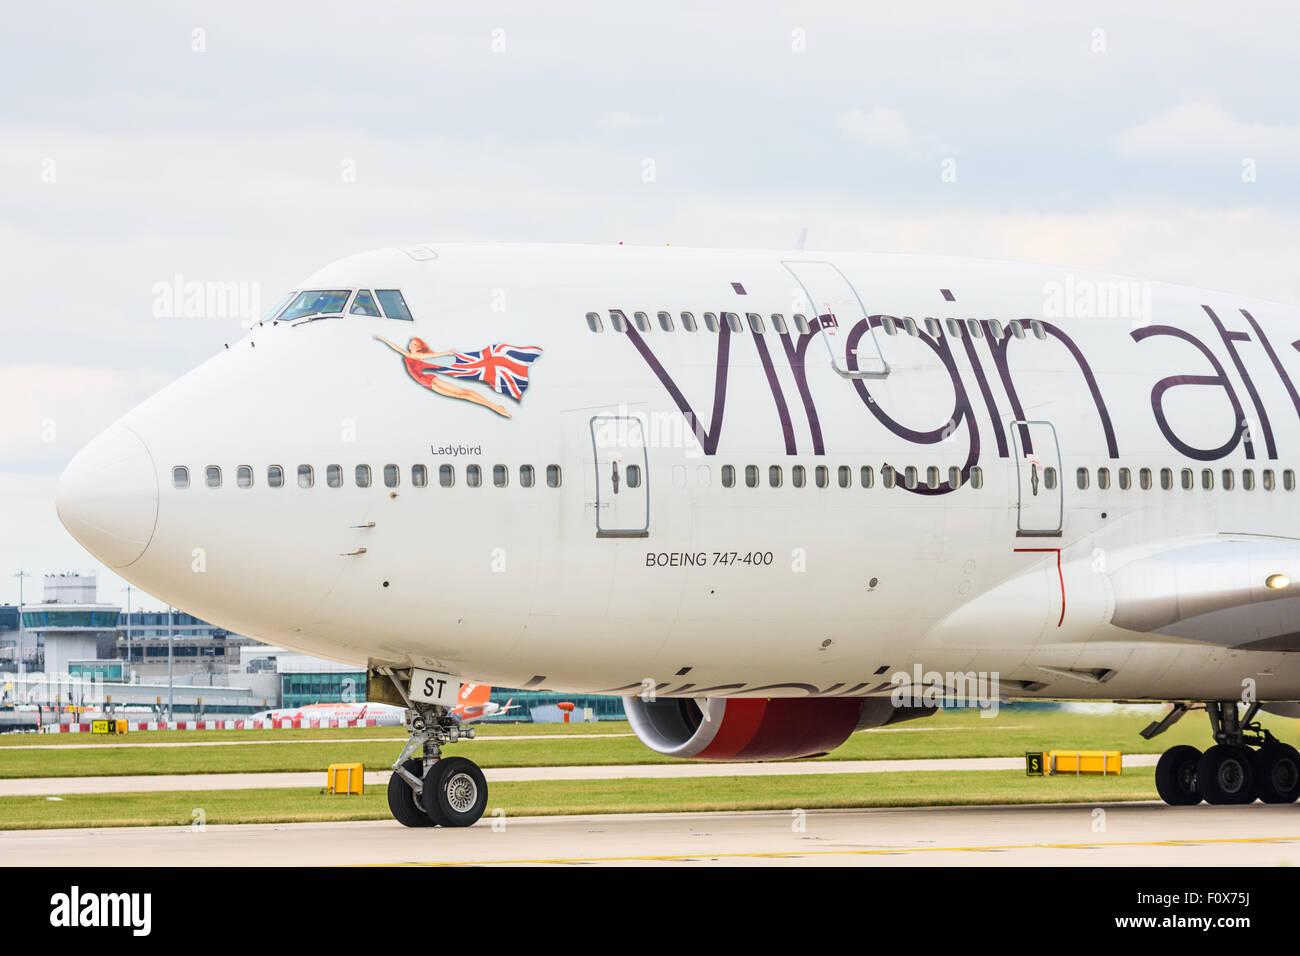 Vue latérale de l'avant d'un avion Boeing 747-400 de Virgin Atlantic sur la piste à l'aéroport de Manchester Banque D'Images